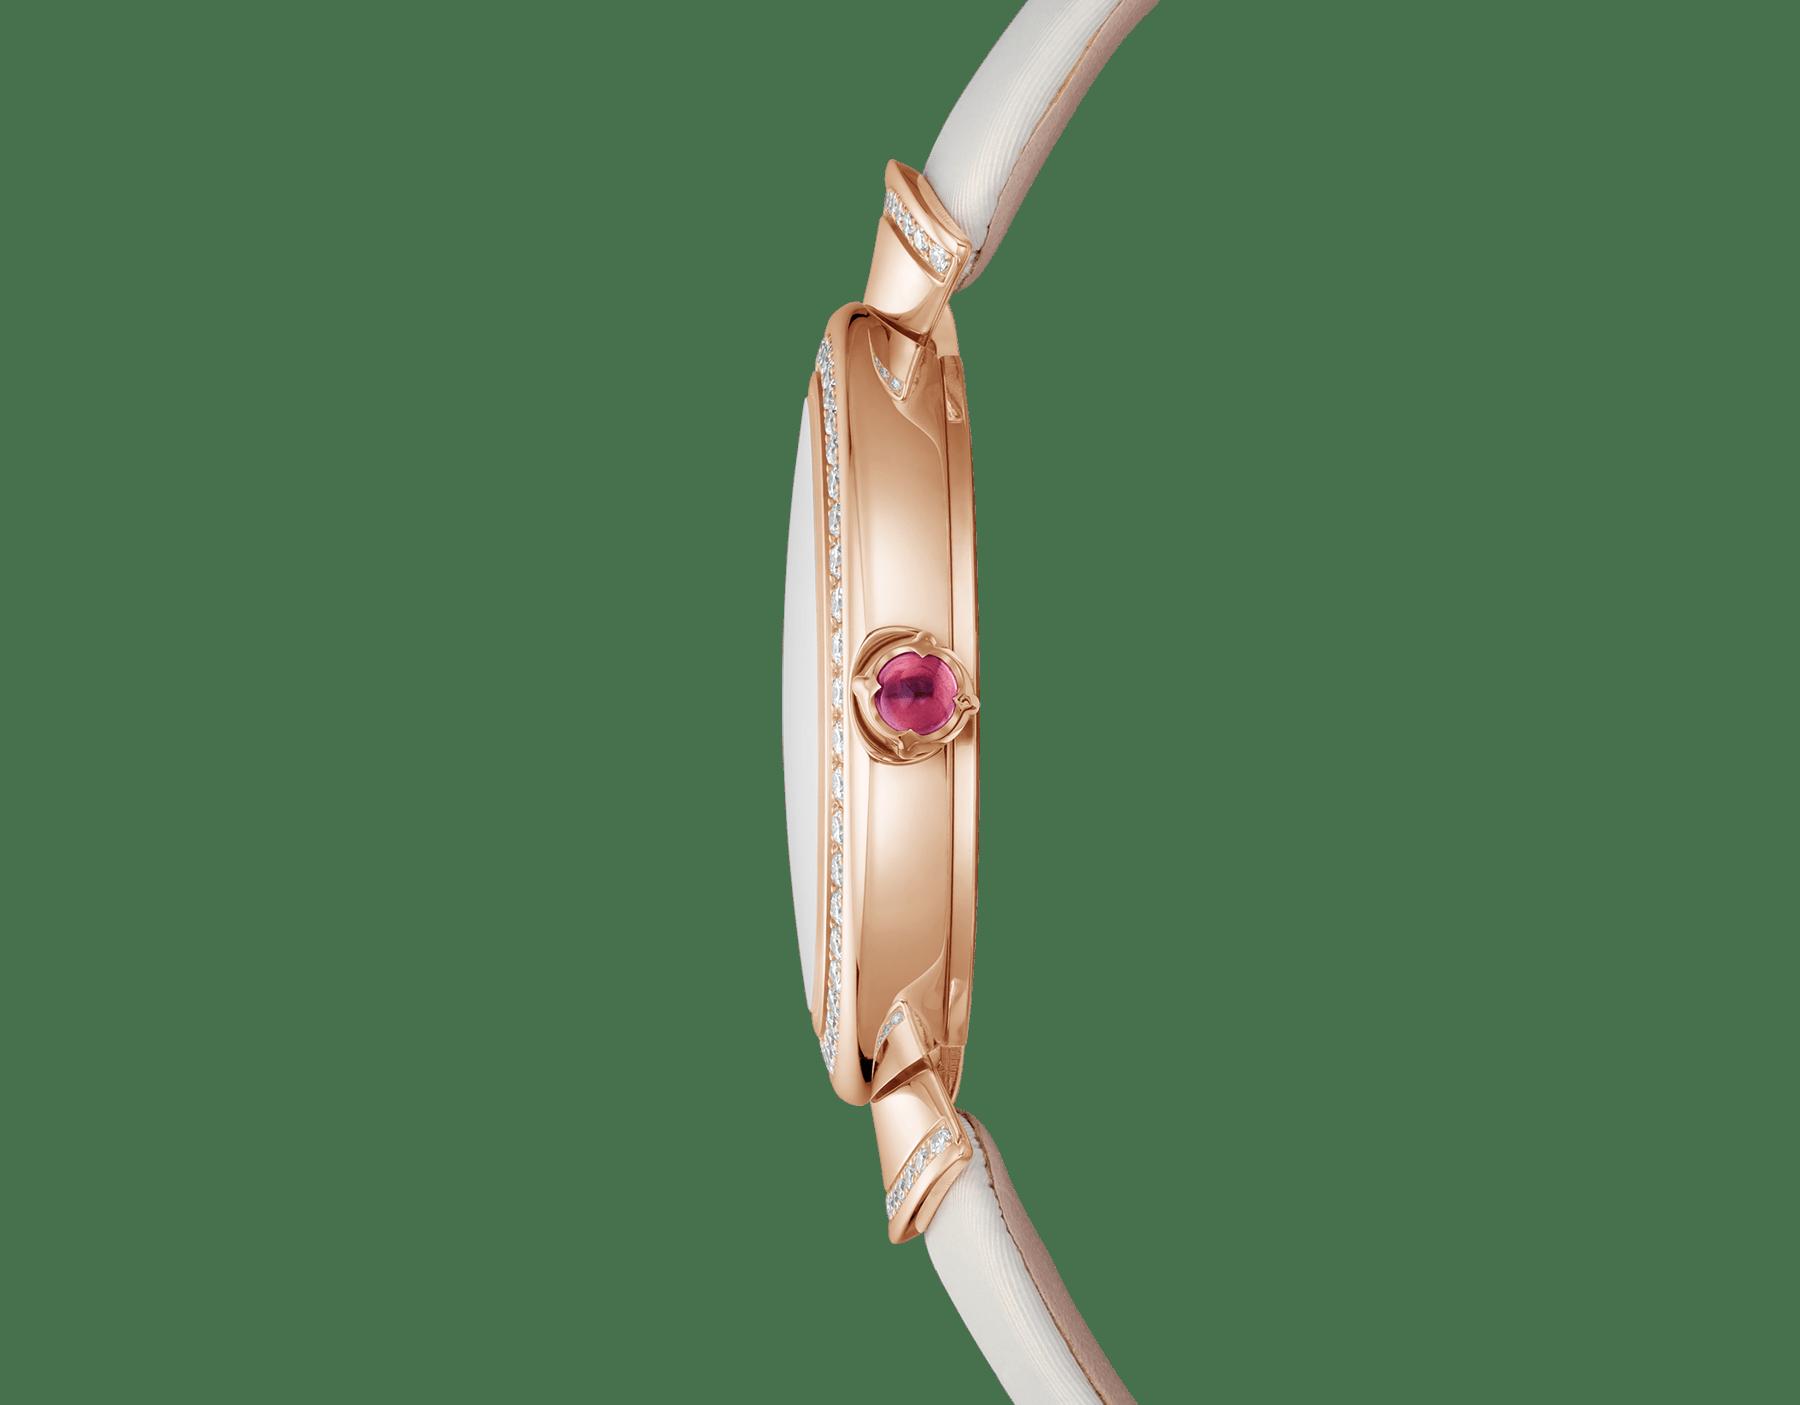 DIVAS' DREAM 腕錶,18K 玫瑰金錶殼鑲飾明亮型切割鑽石。天然醋酸纖維錶盤,鑽石時標,白色緞面錶帶。 102433 image 3